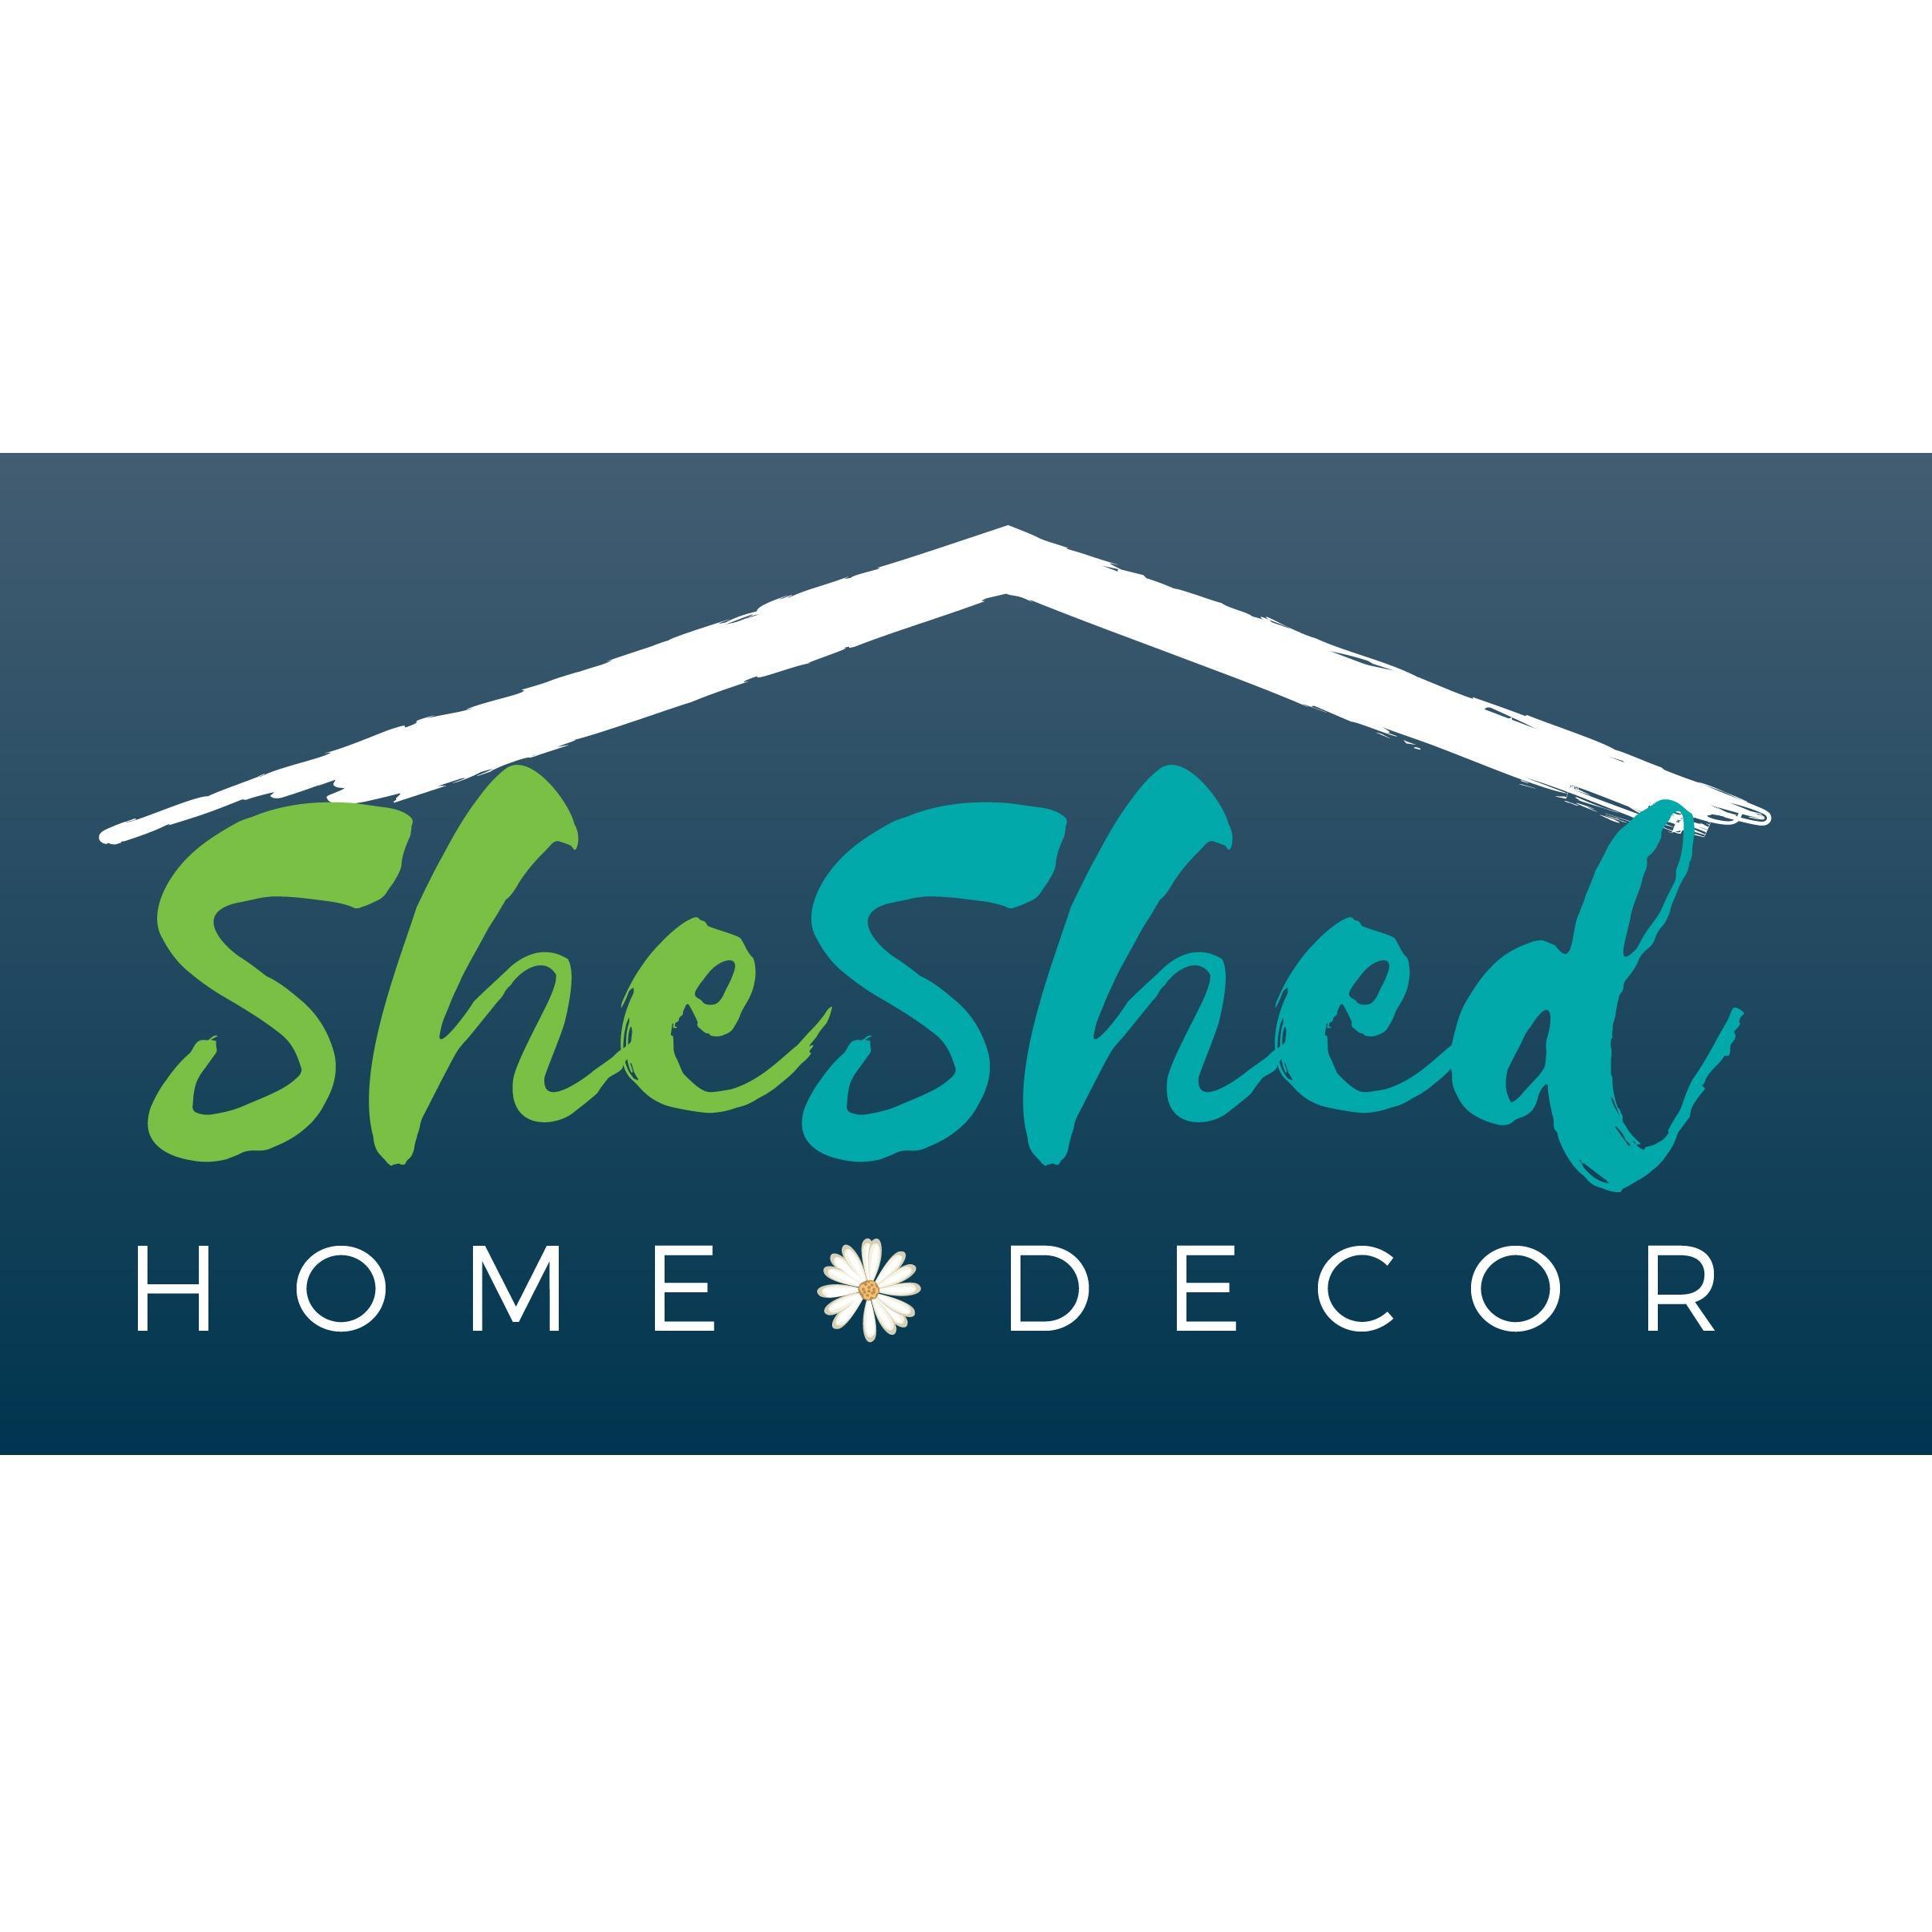 She Shed Home Decor